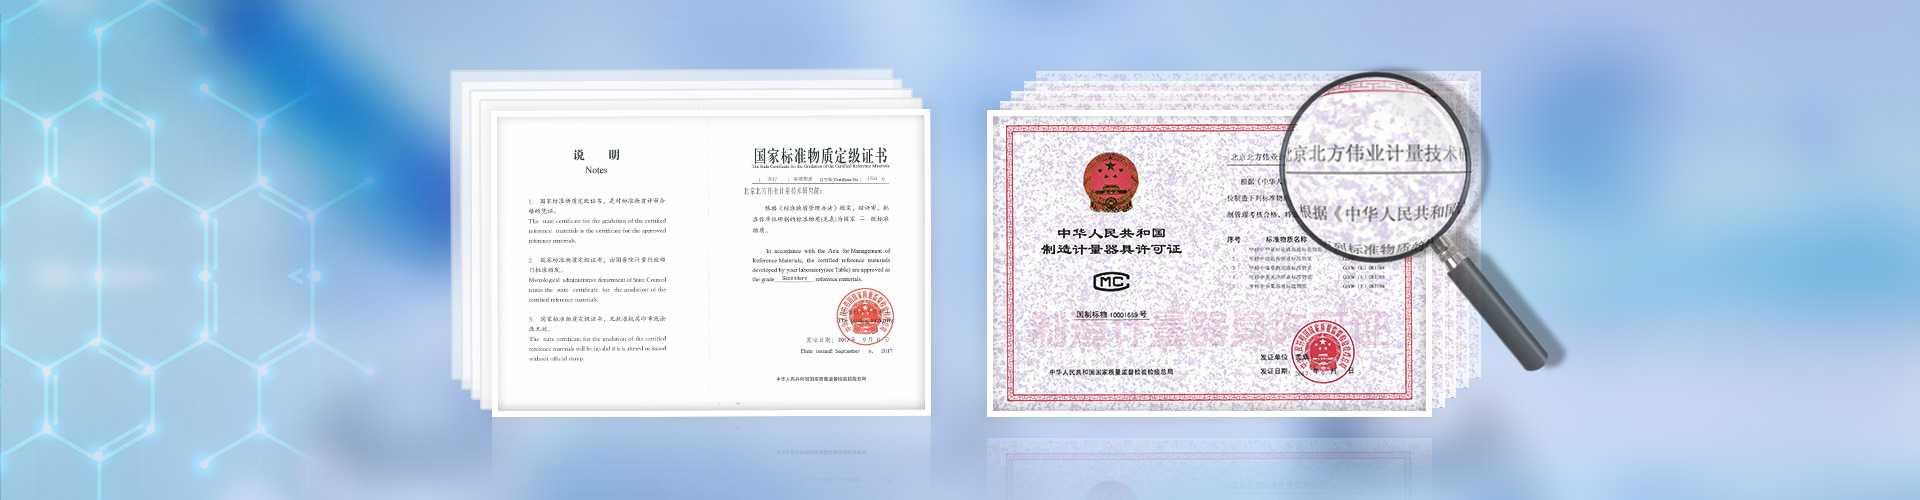 资质证书-www.weiye.org.cn国家标准物质网-标准物质